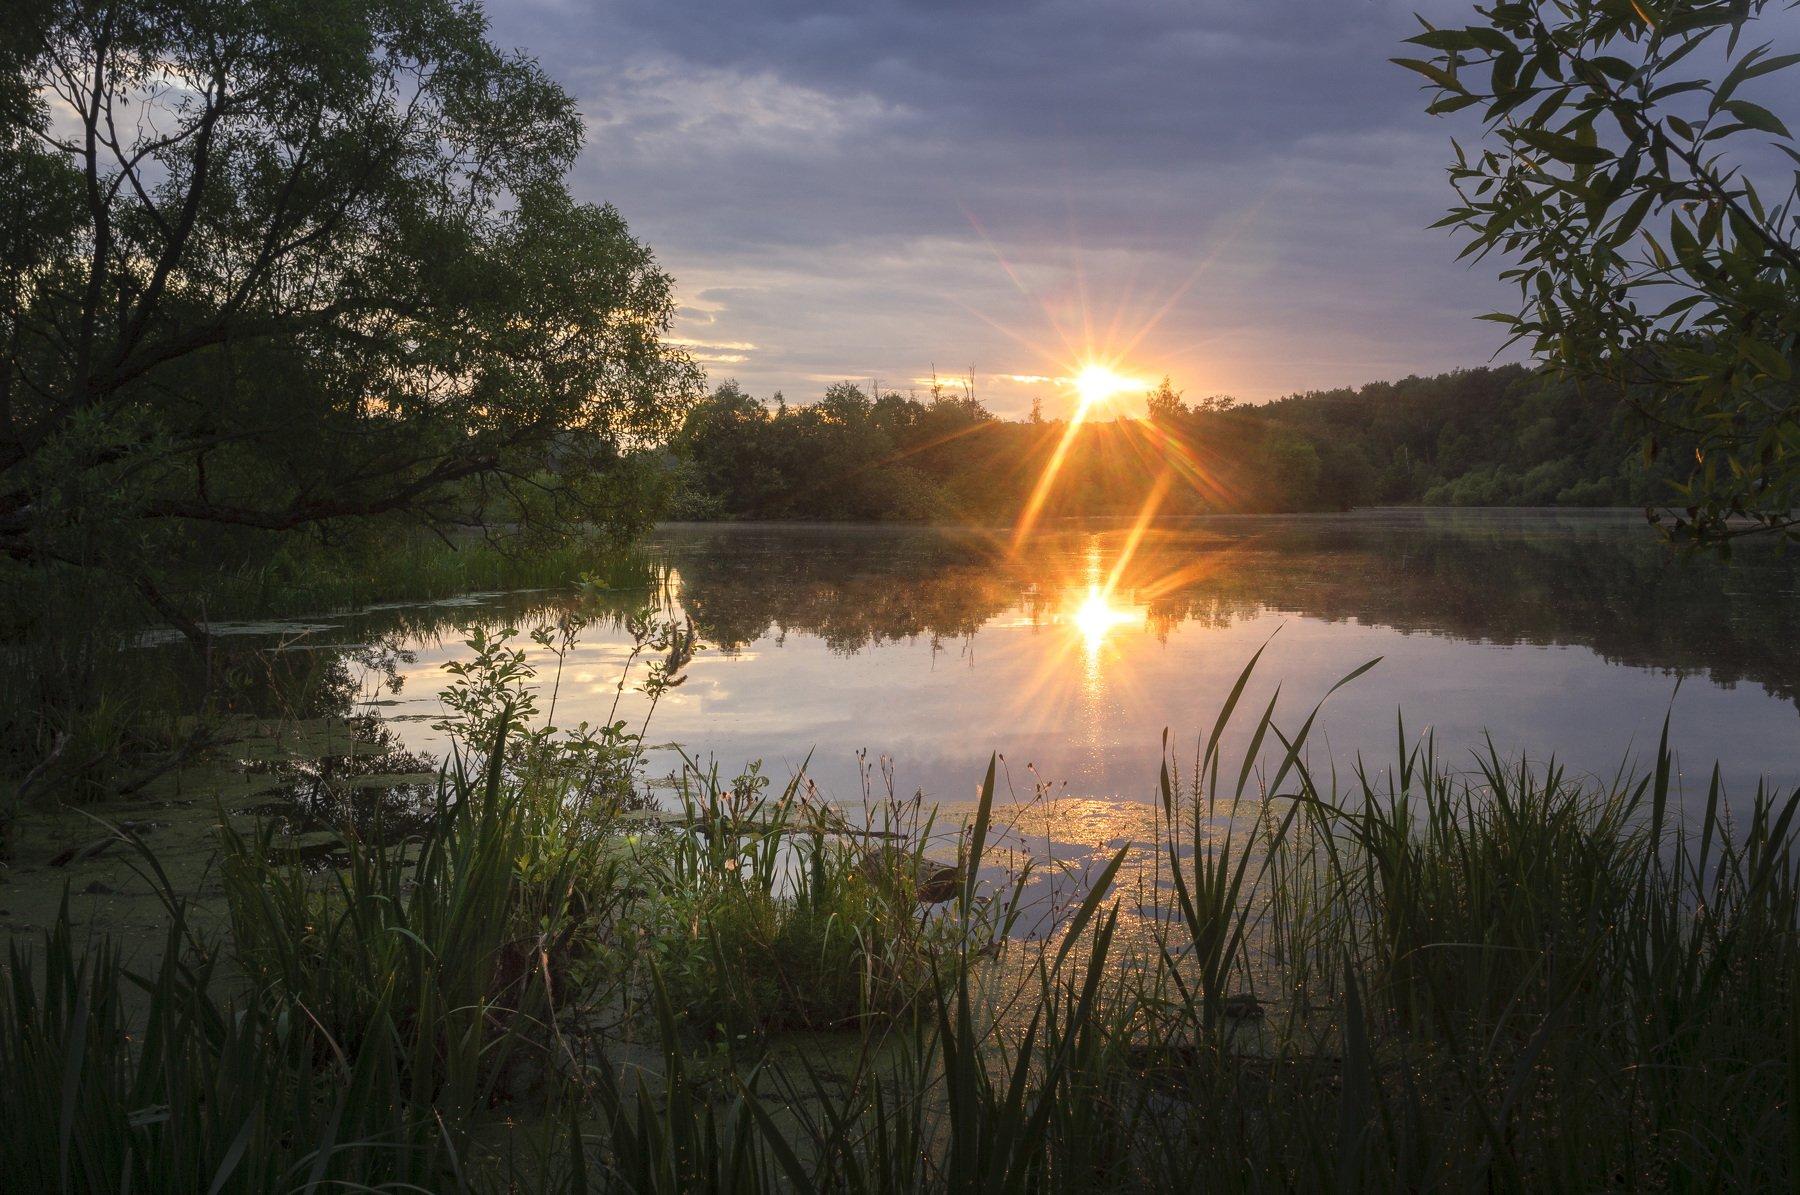 утро, рассвет, пейзаж, московская область, Кыров Александр